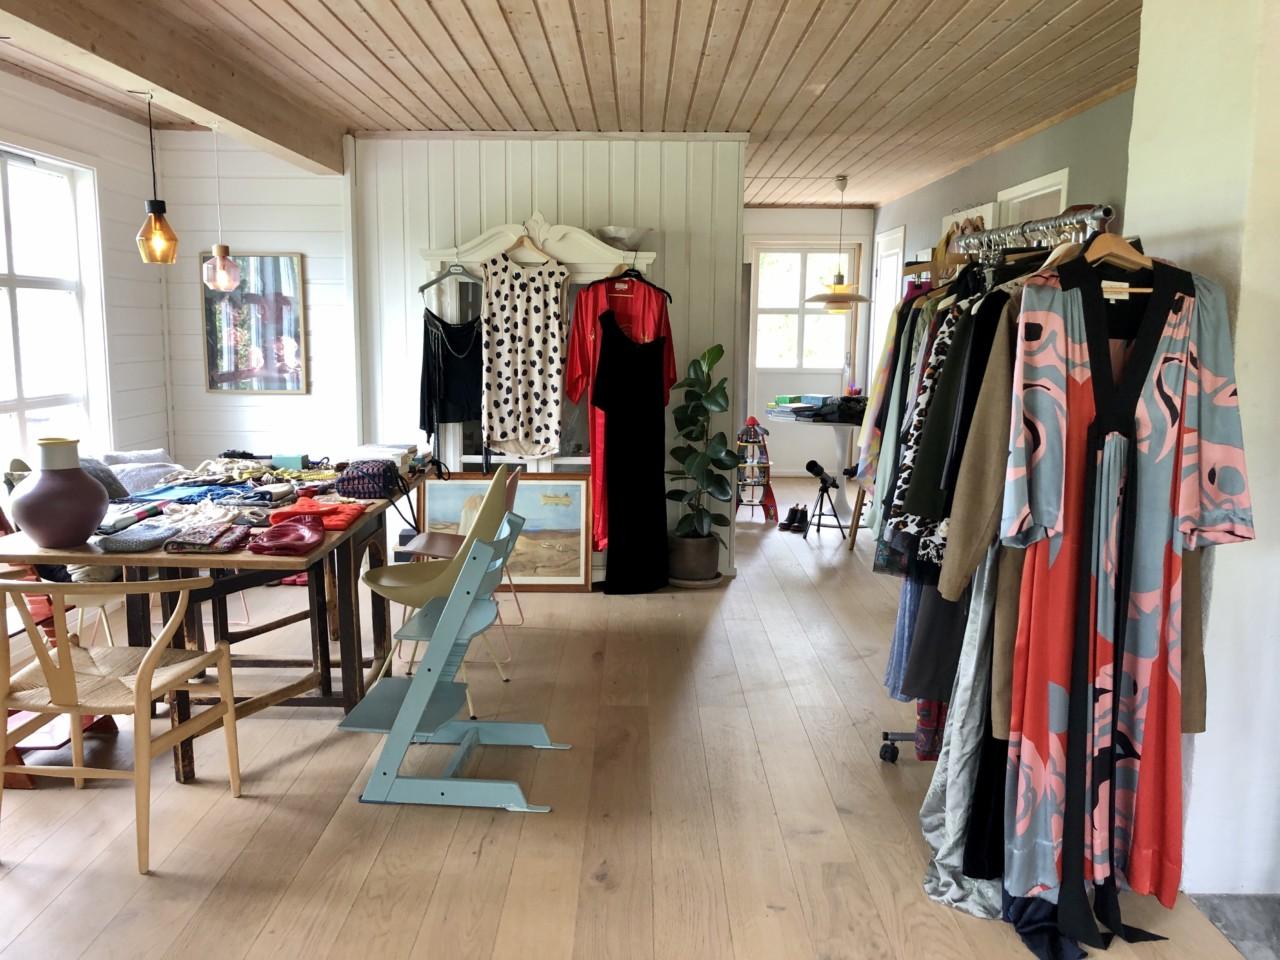 butikk-hjemme-green-house-flyttesalg-sommerferie